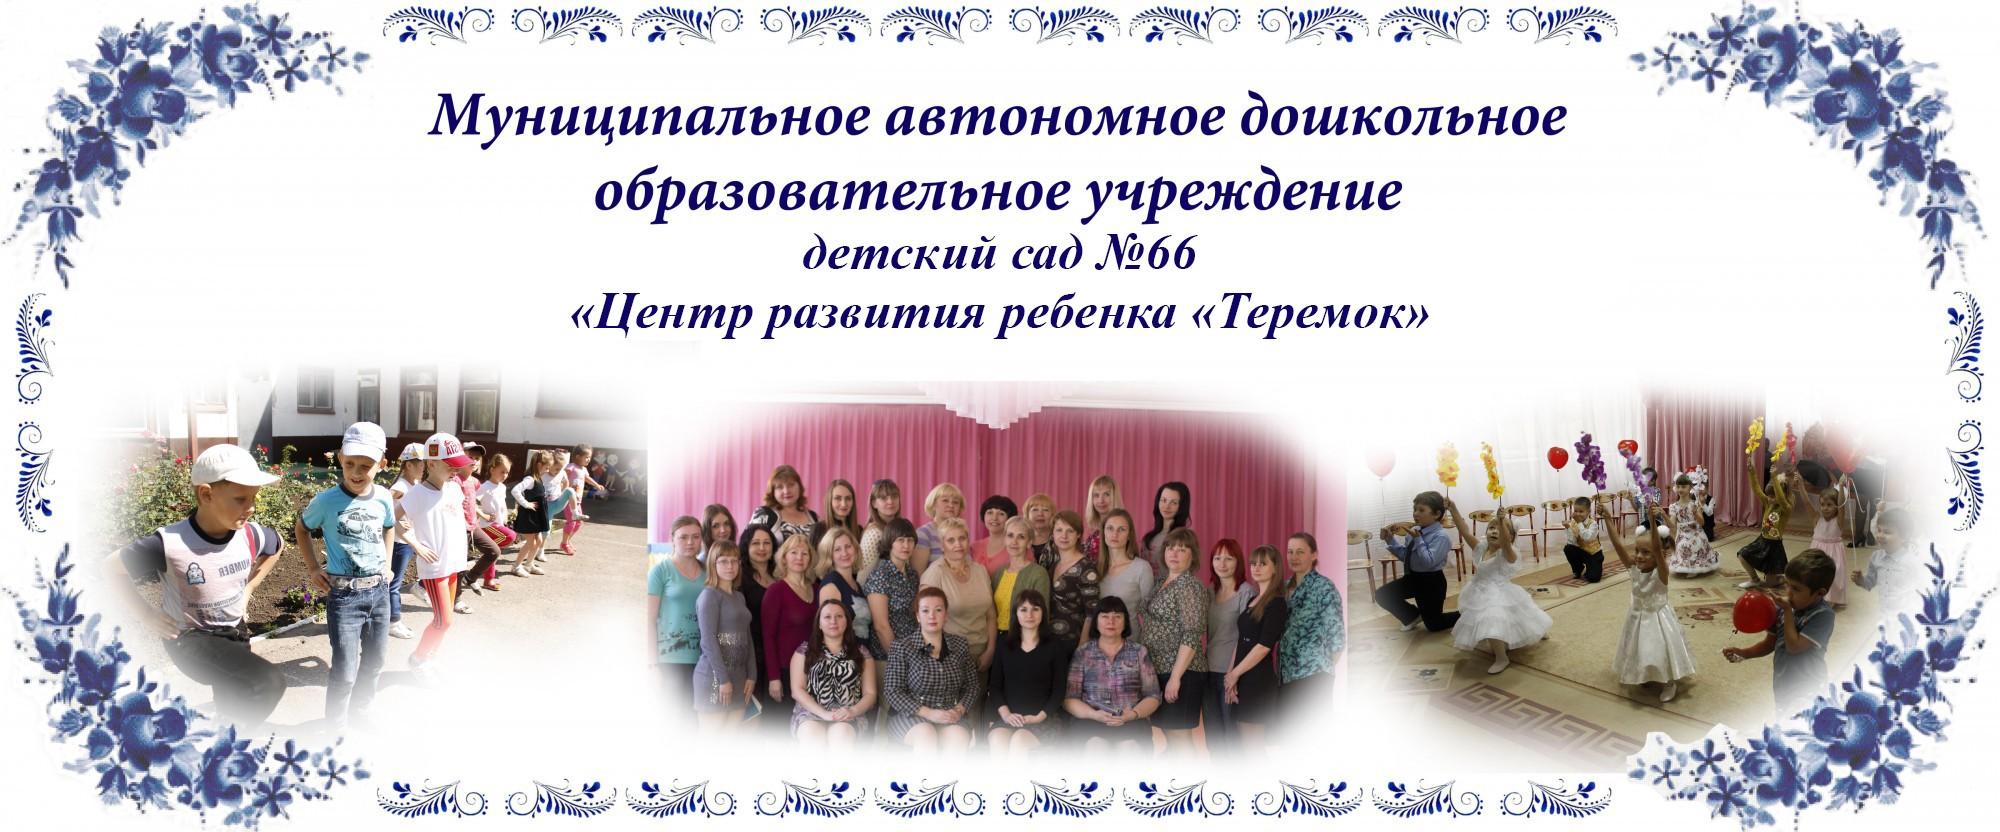 Муниципальное автономное дошкольное учреждение Центр развития ребенка – детский сад № 66